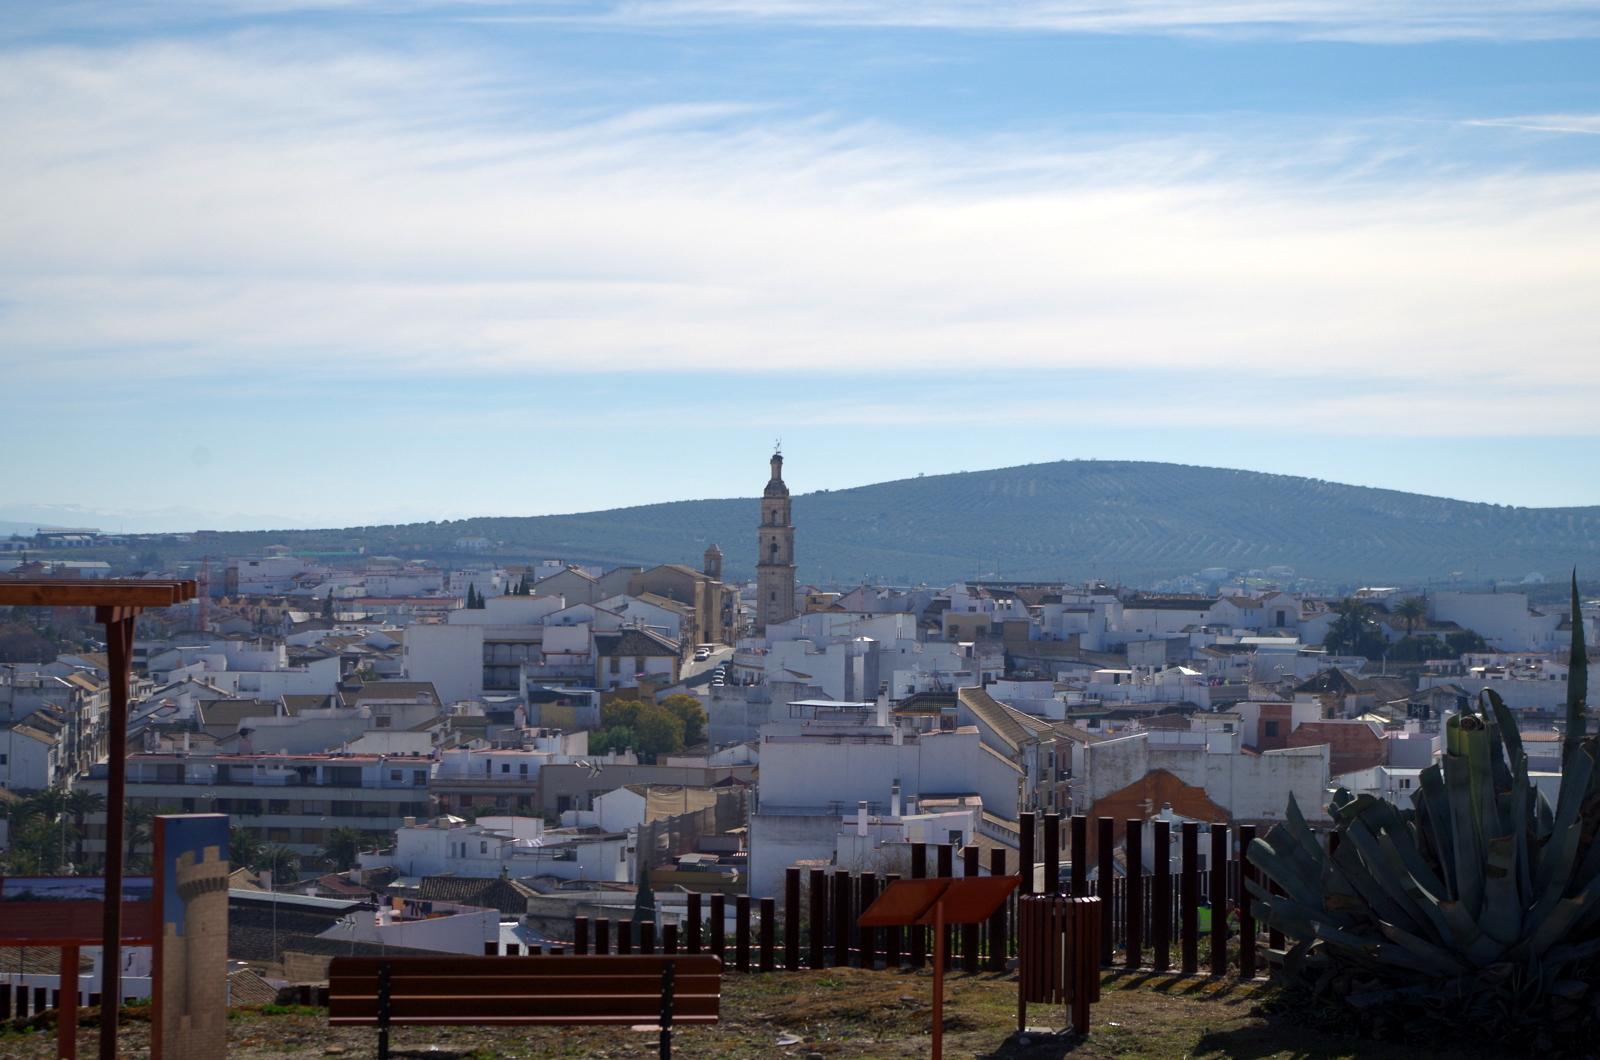 Aguilar de la Frontera